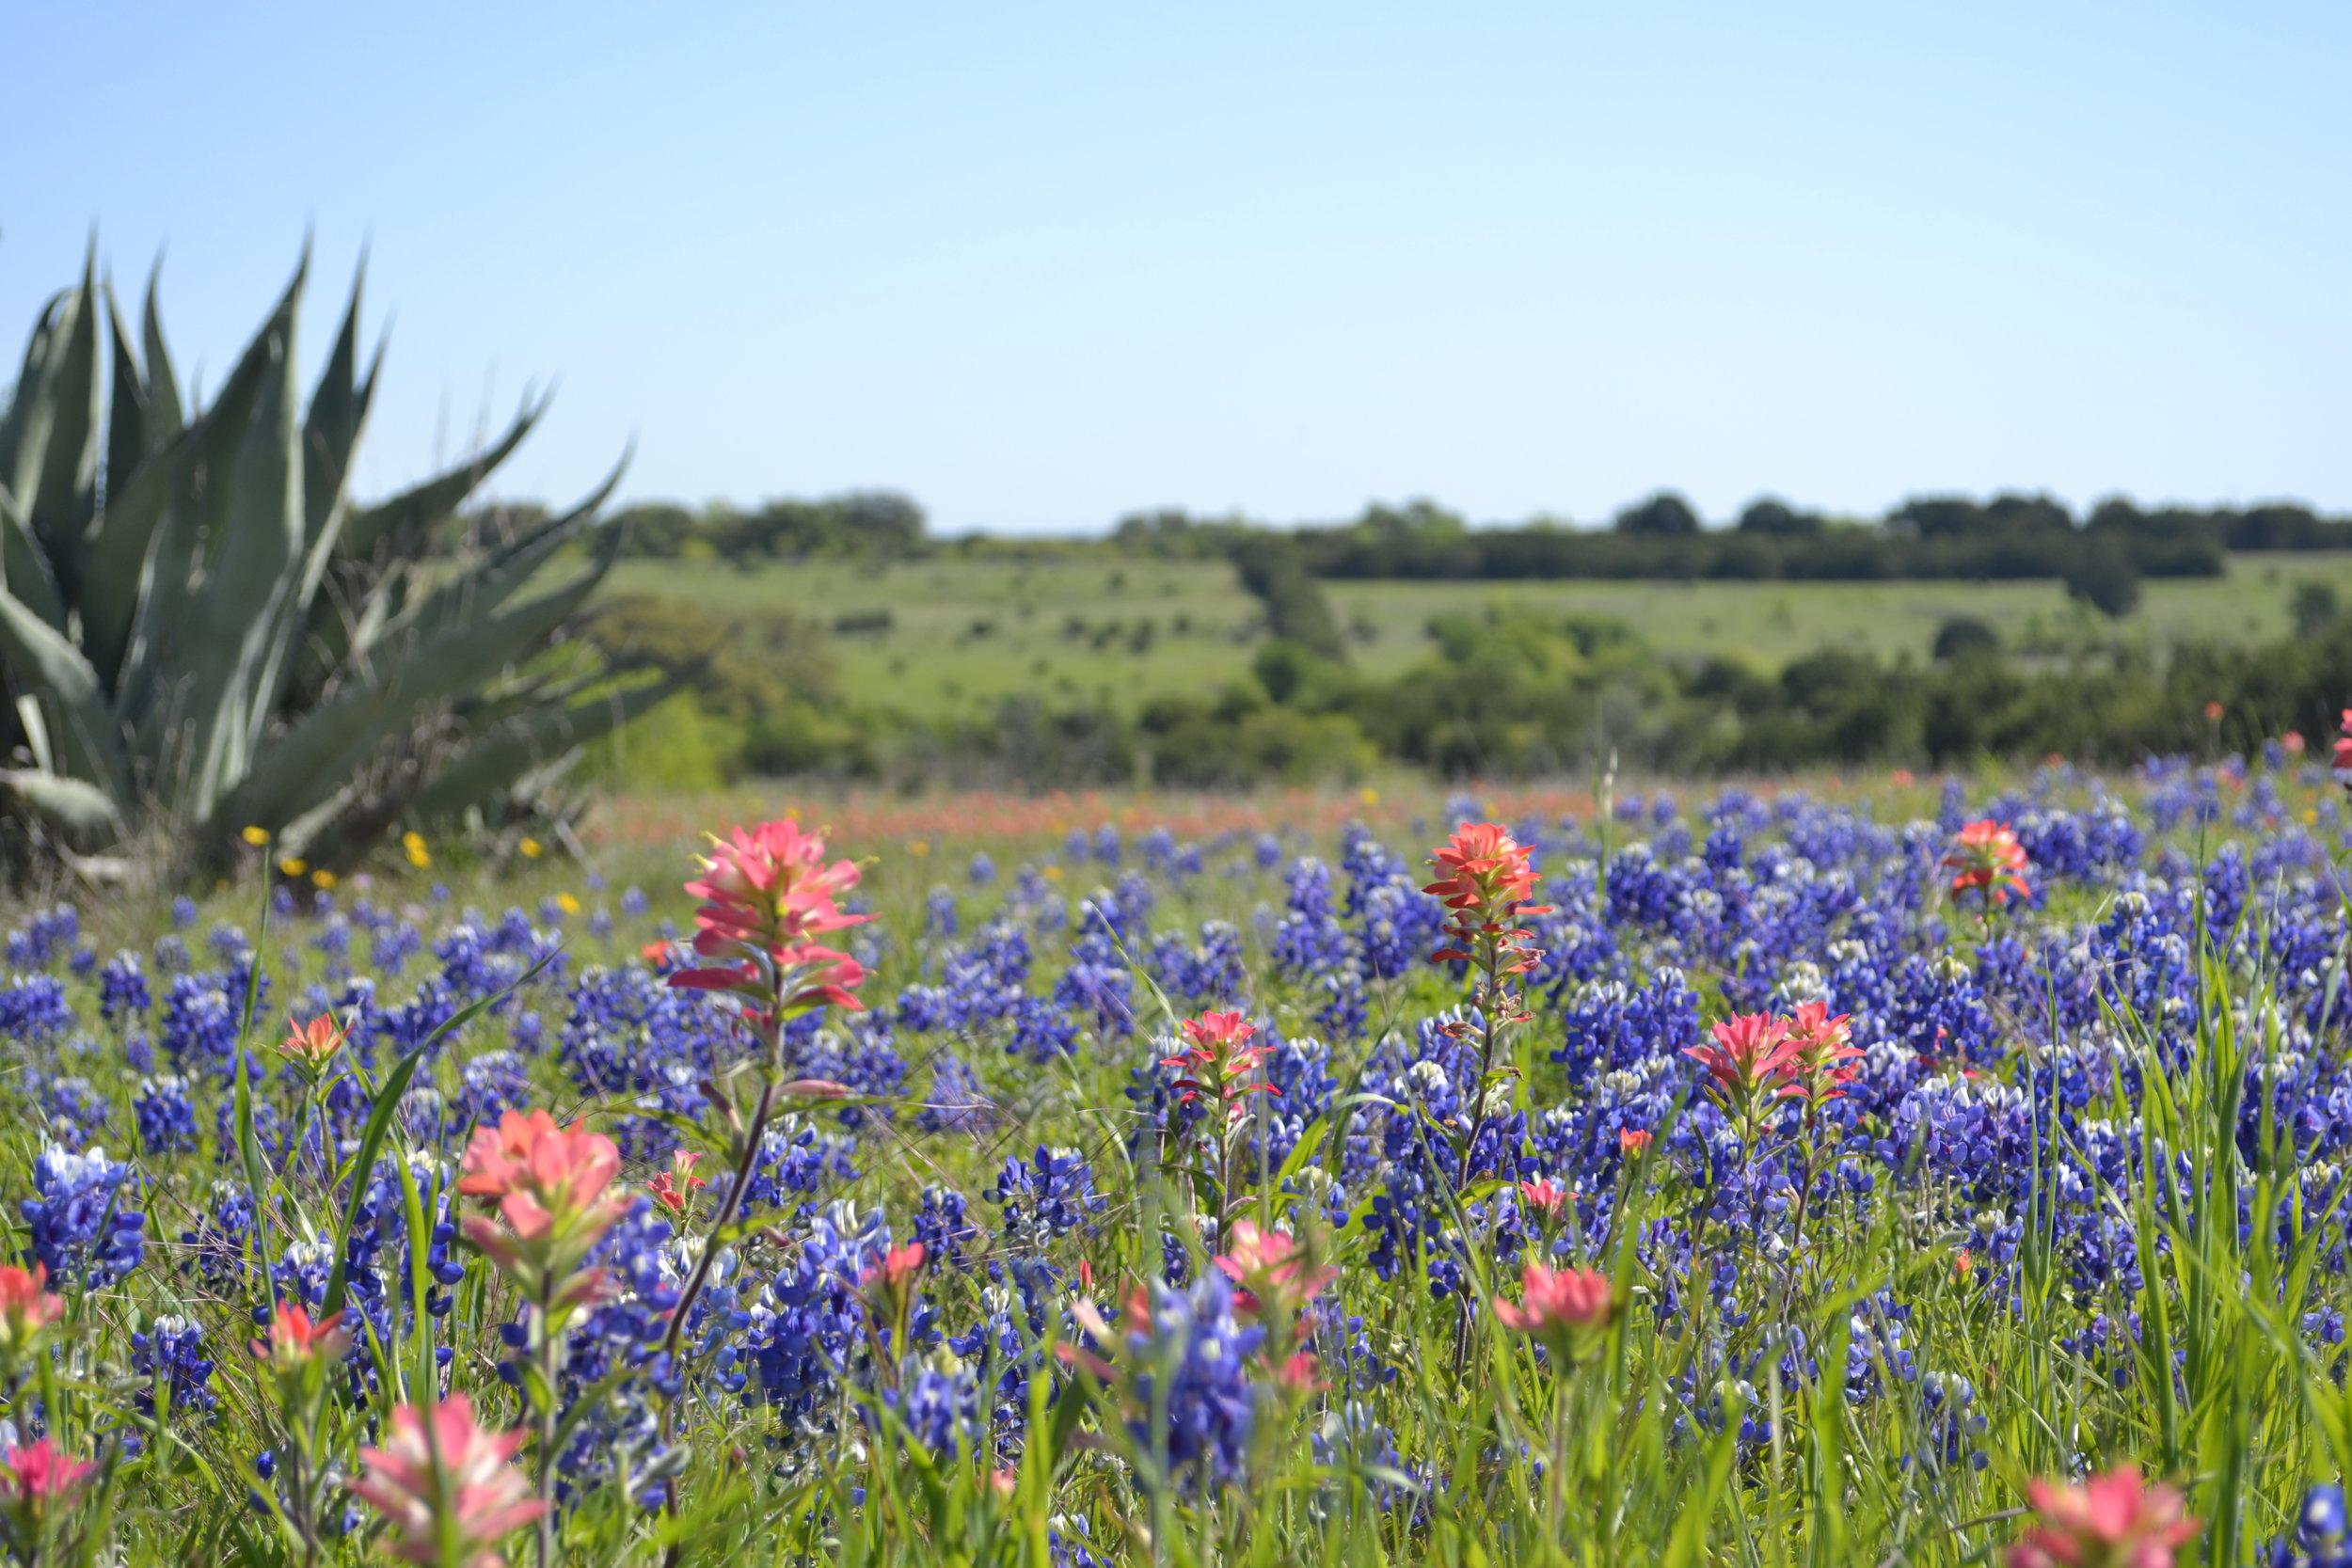 Wildflowers near Granbury, Texas, photo: Andy Bruner